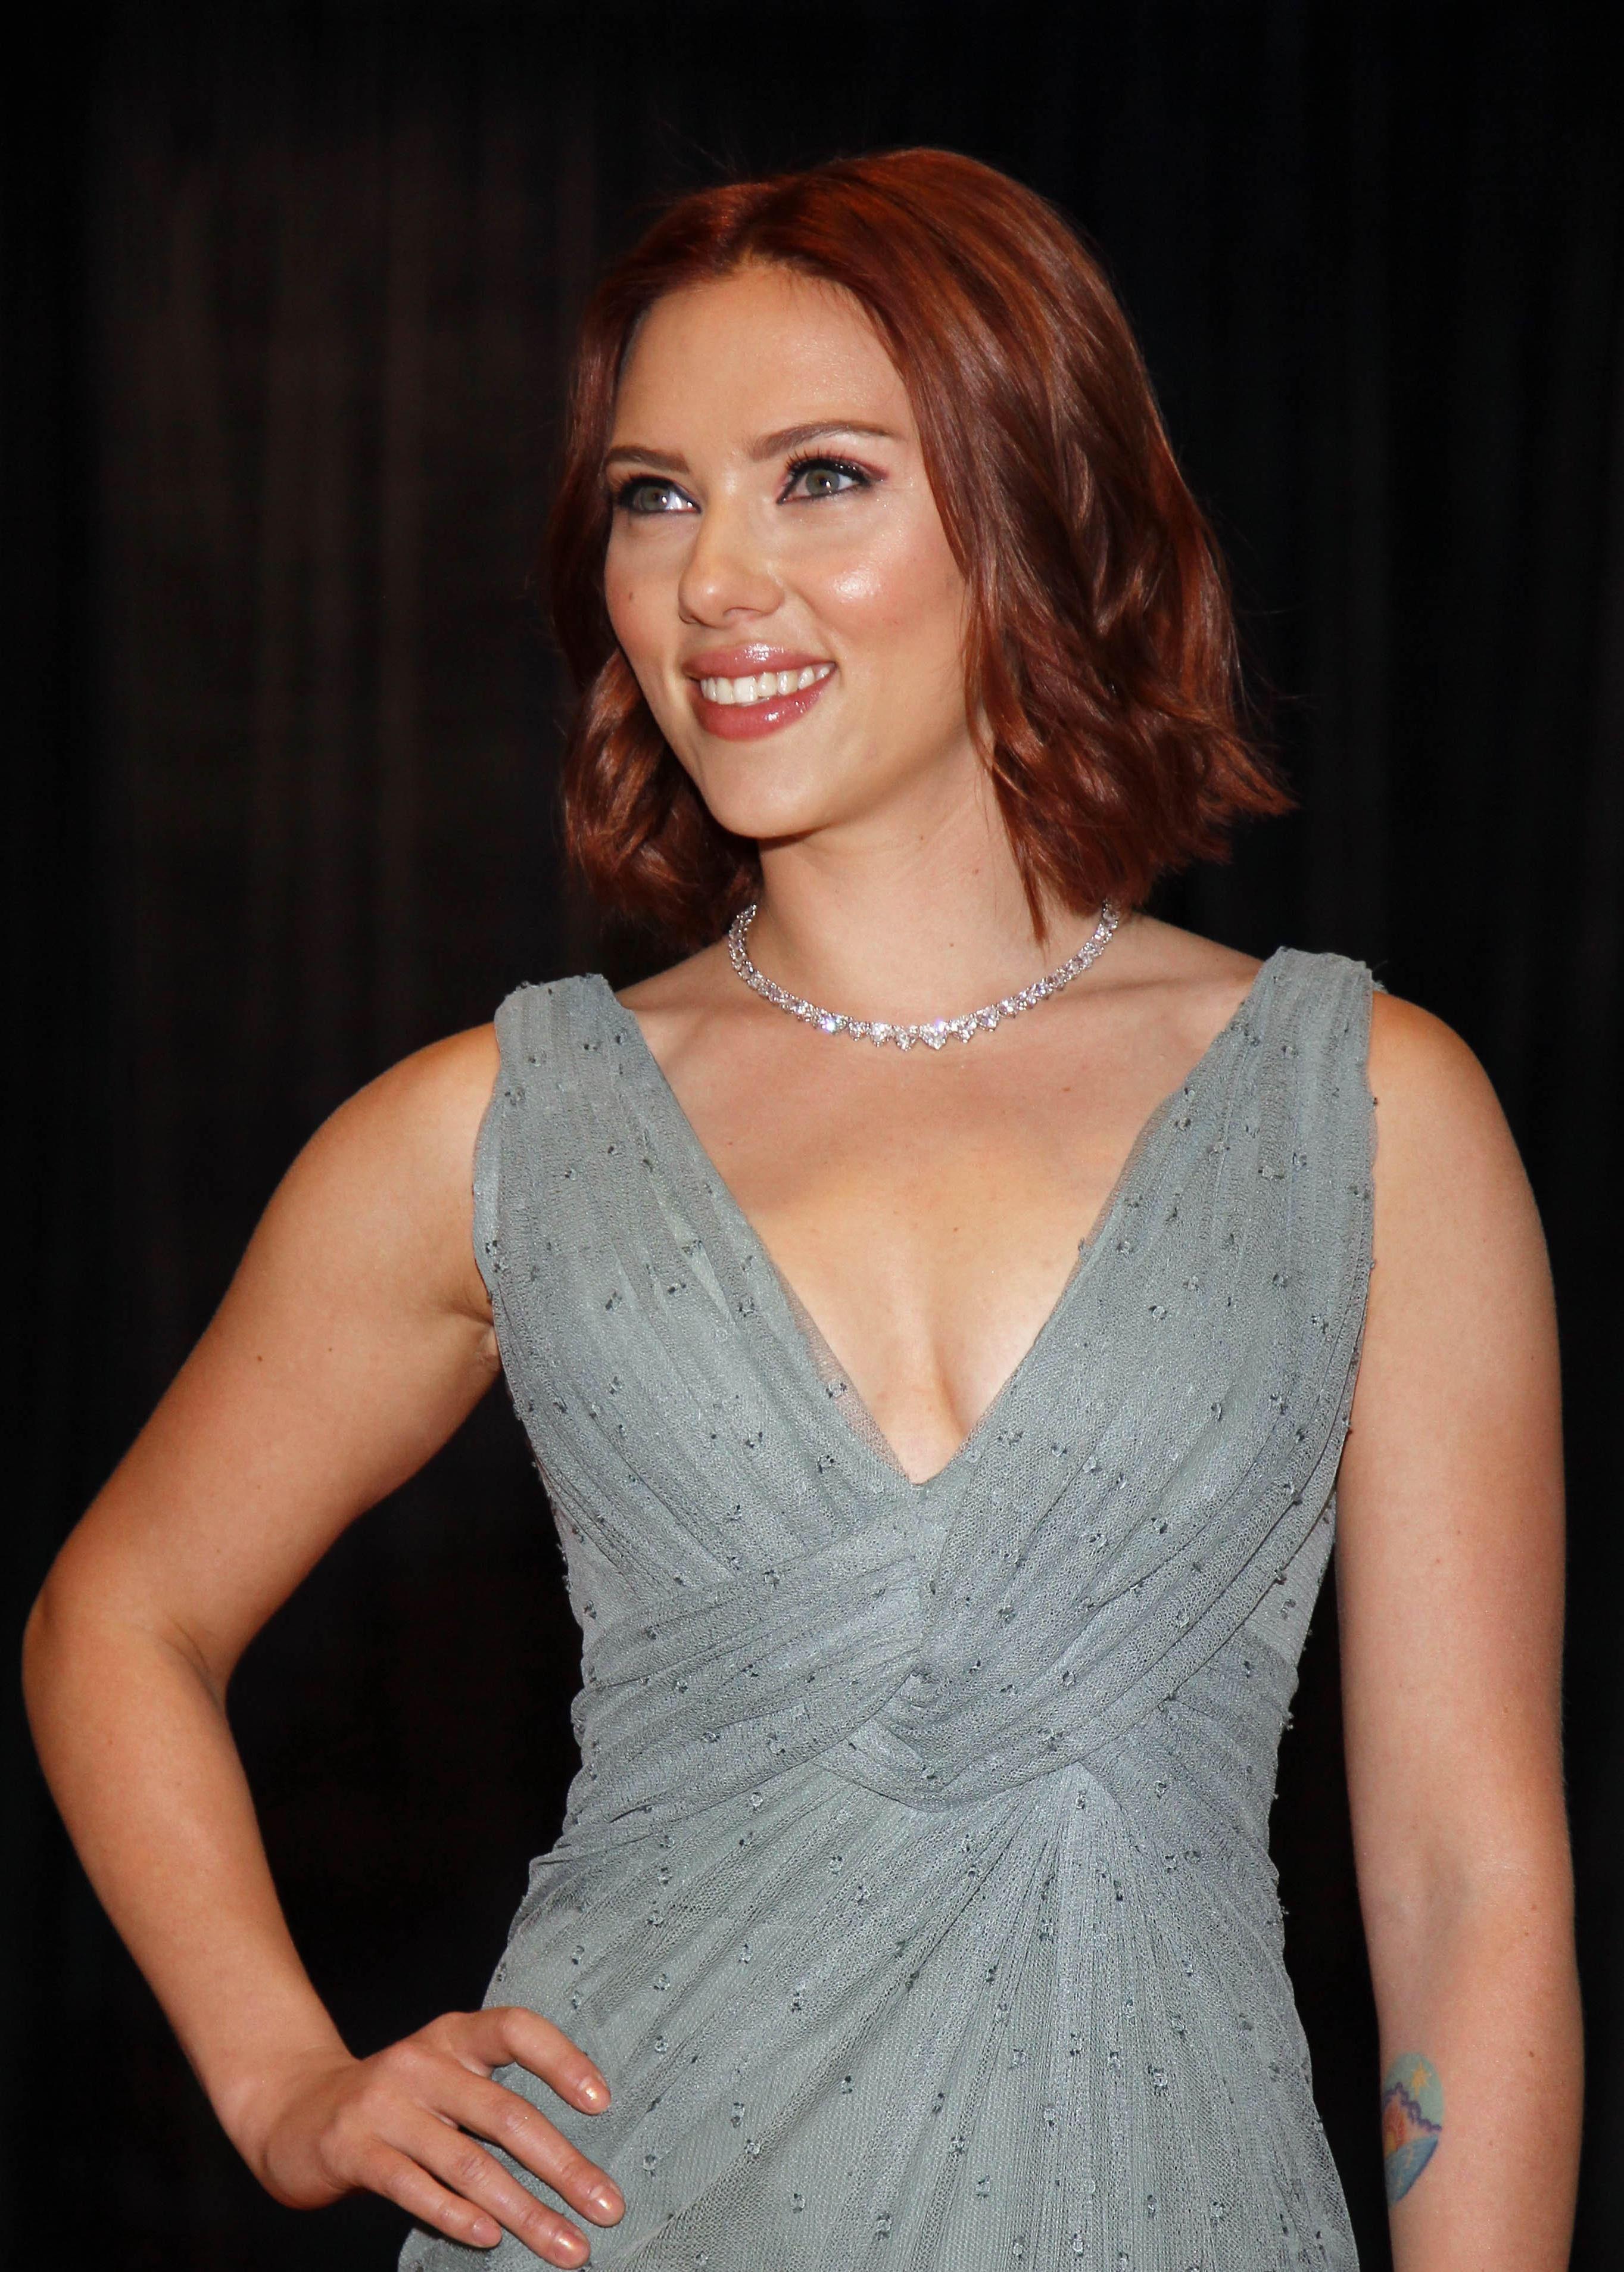 Pin by sam hill on Scarlett Johansson Scarlett johansson